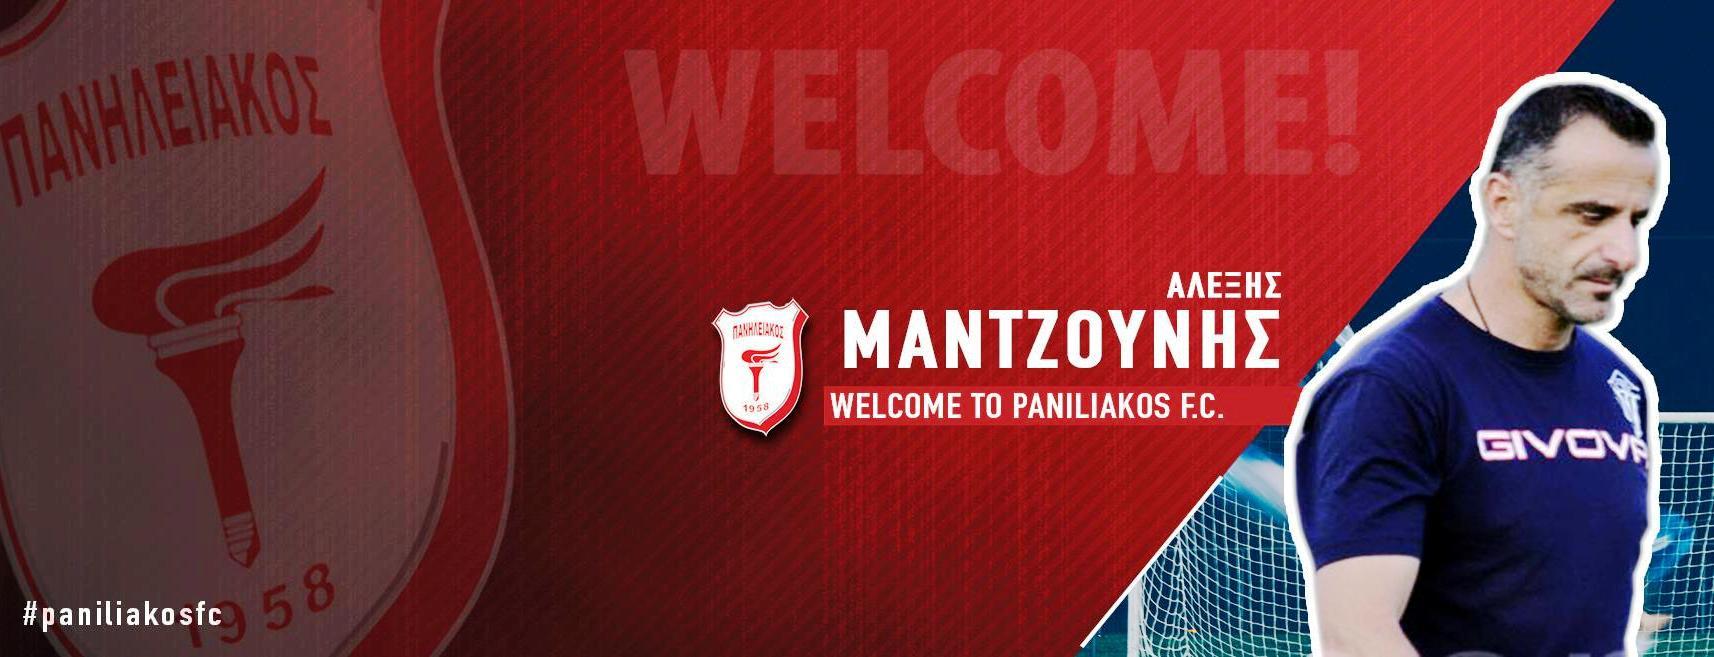 Και επίσημα Μαντζούνης σε Πανηλειακό – Δικαίωση Sportstonoto.gr!